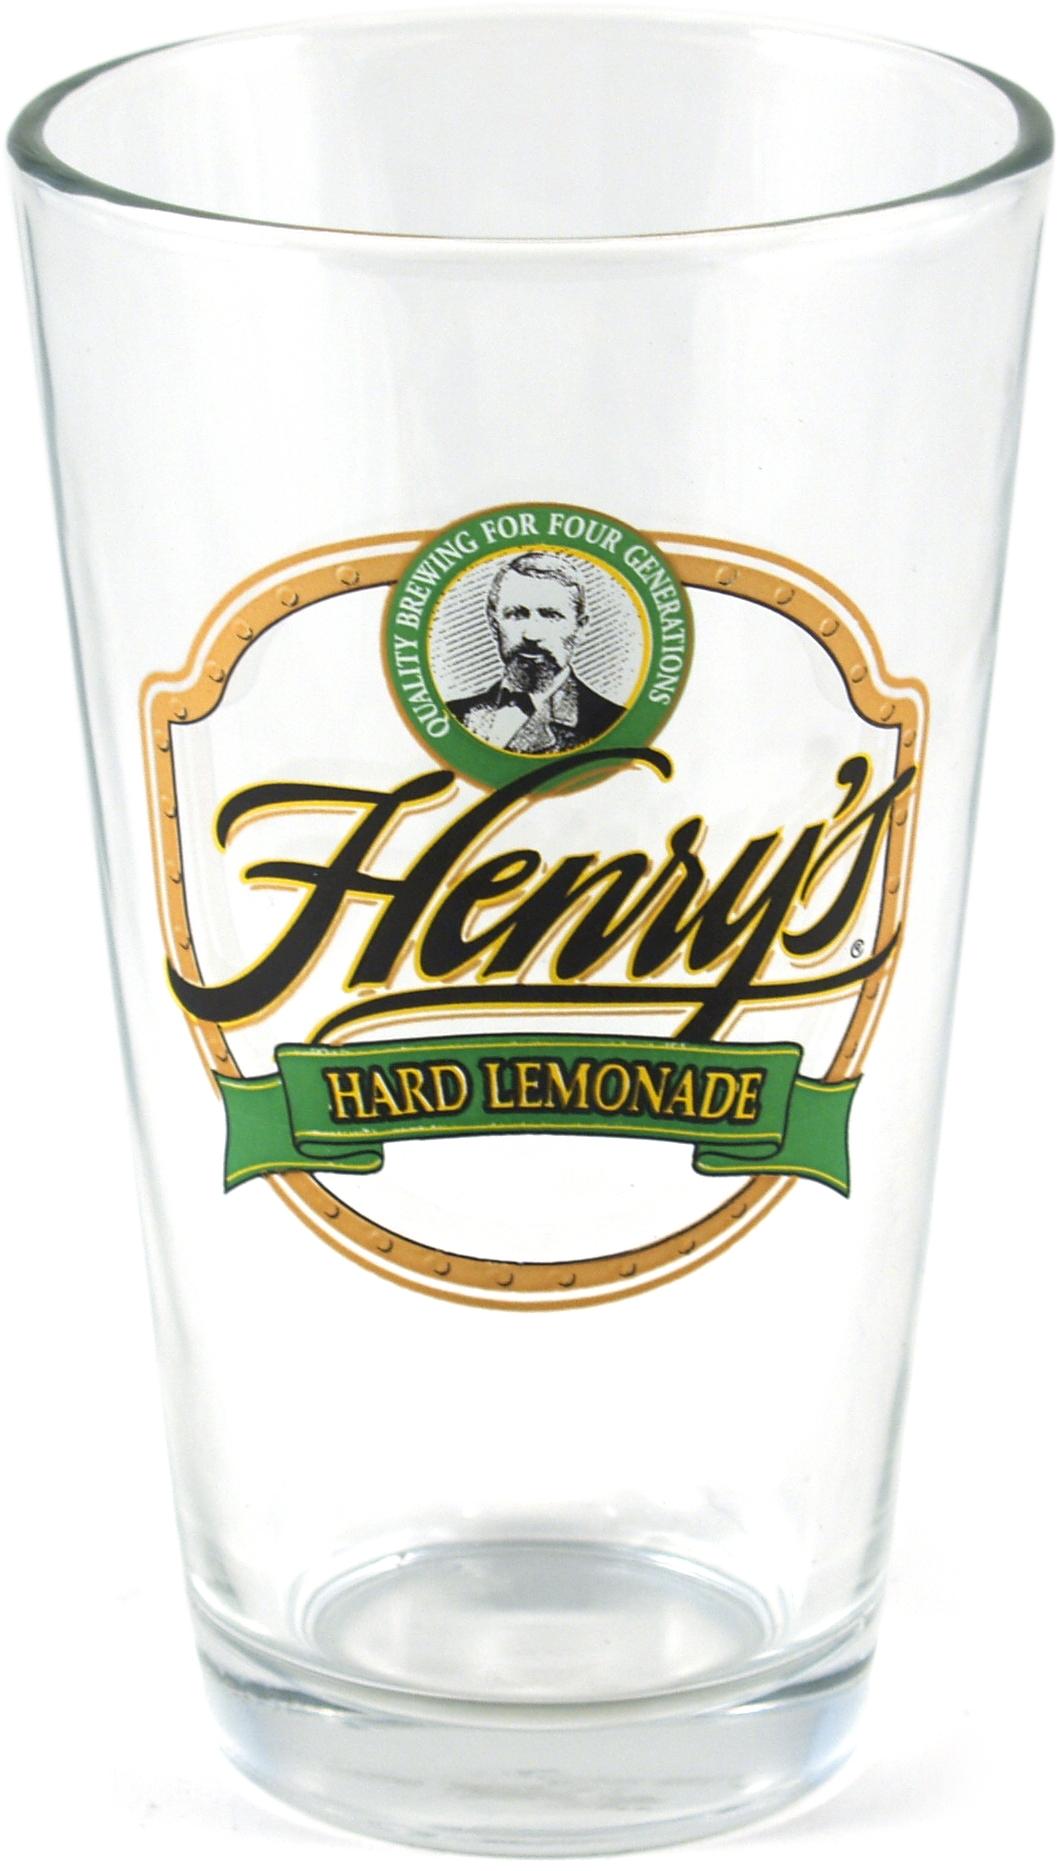 Henry's Hard Lemonade Pint Glass, Set of 4